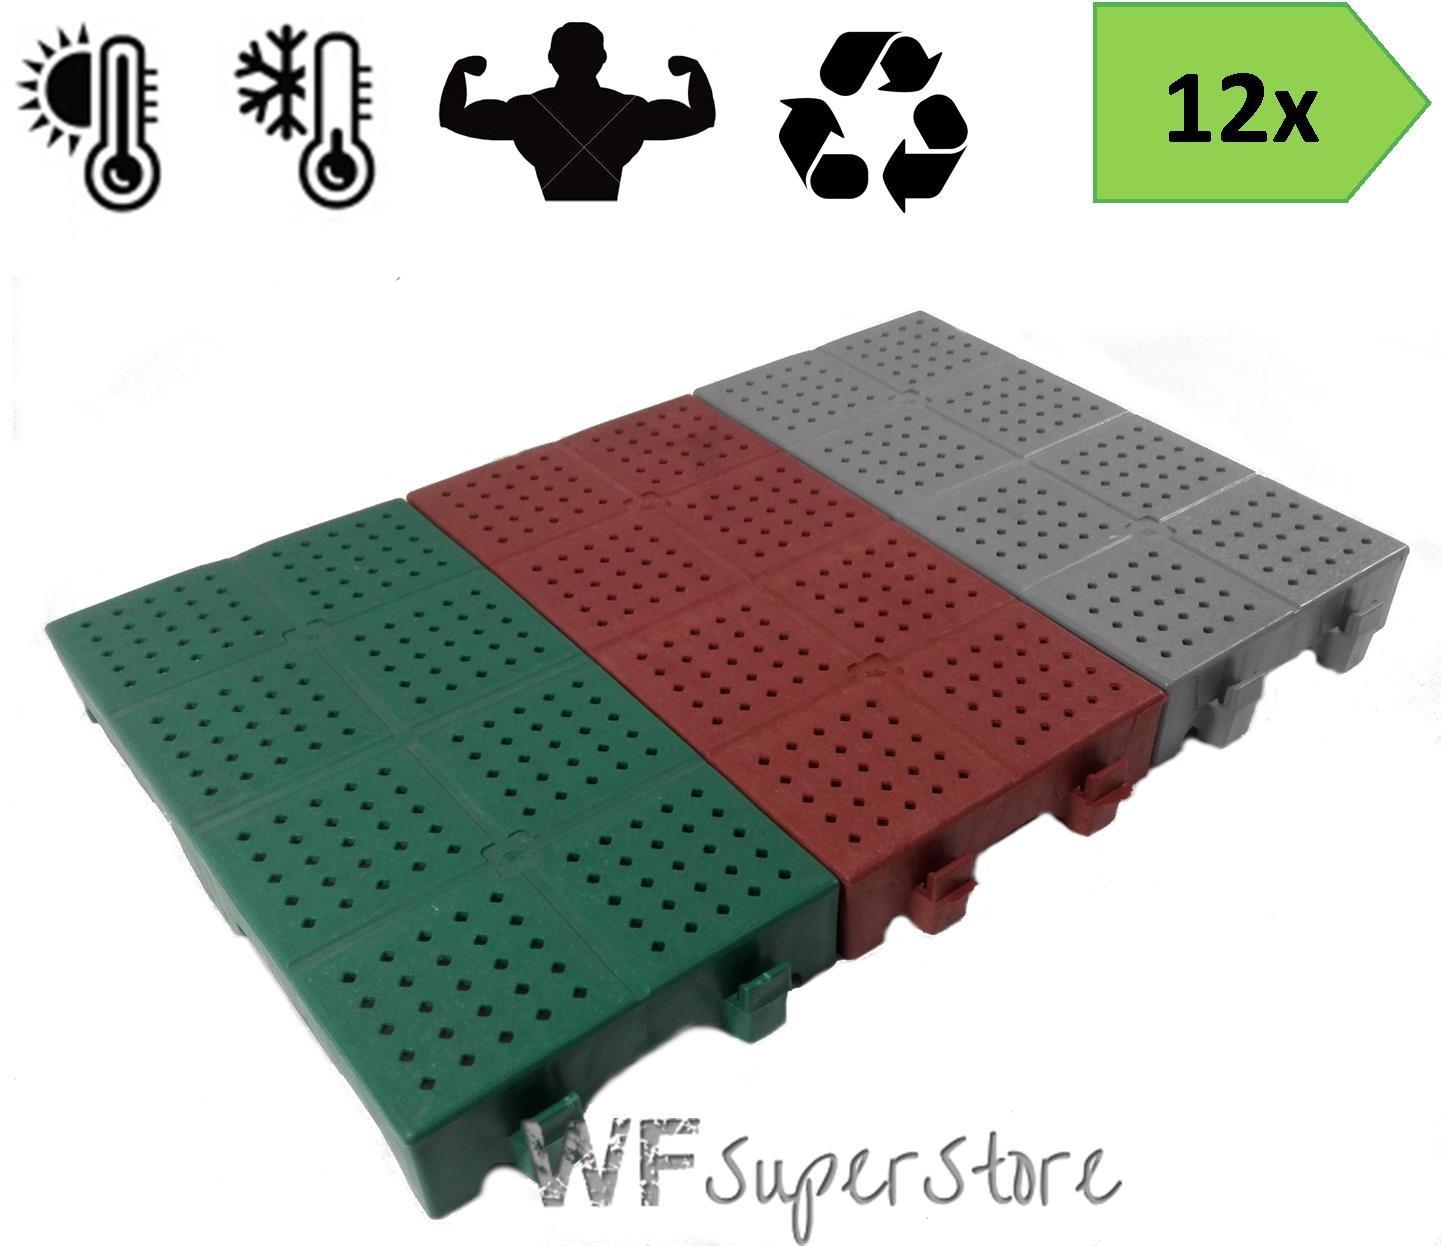 Piastrella in plastica 40x20h5-12 pezzi Verde mattonella forata drenante giardino campeggio